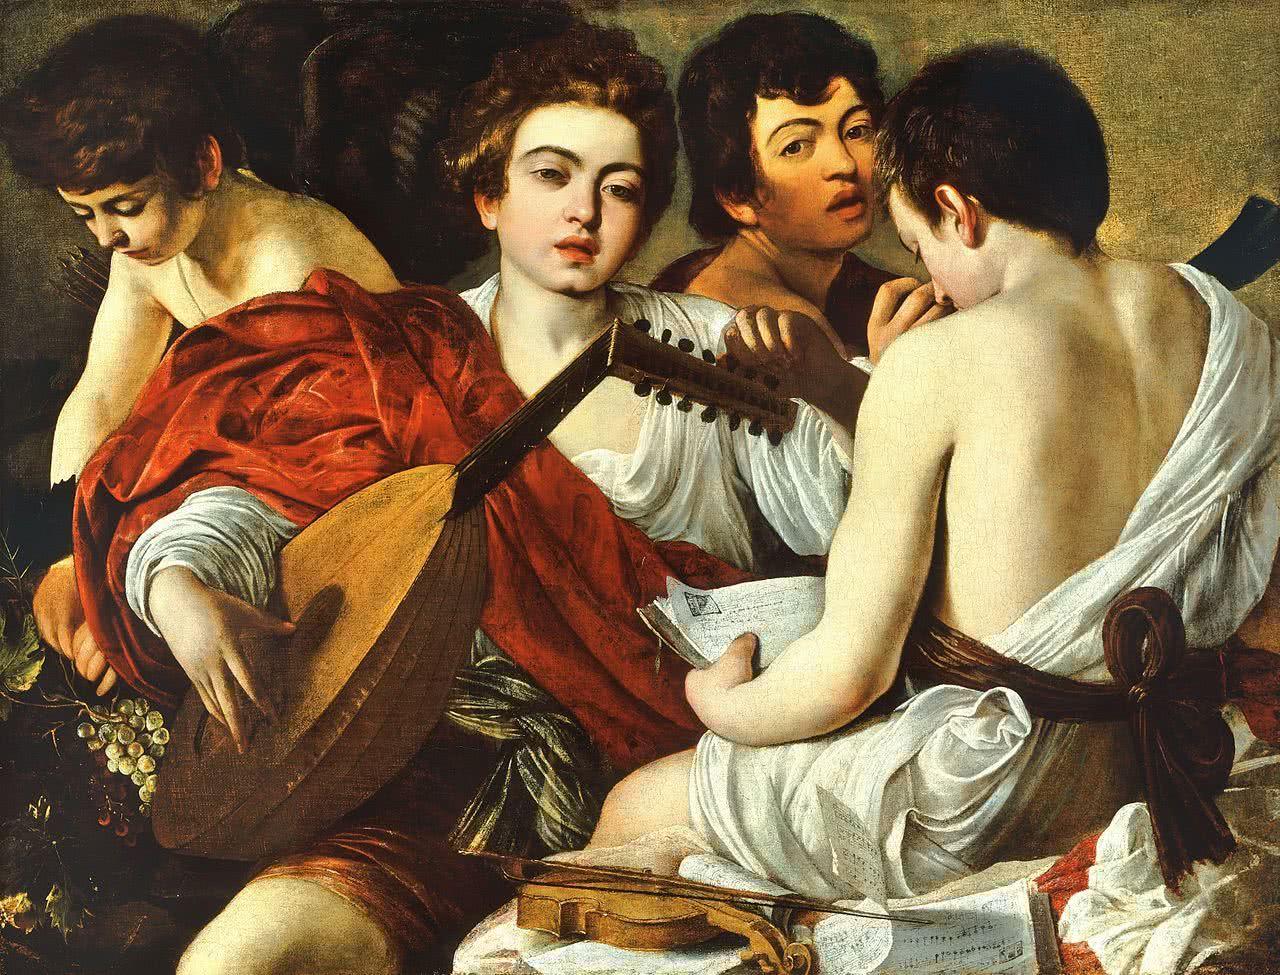 Caravaggio. Los músicos c. 1594-95. Óleo sobre lienzo. 92,1 x 118,4 cm. The Metropolitan Museum, New York, Rogers Fund.